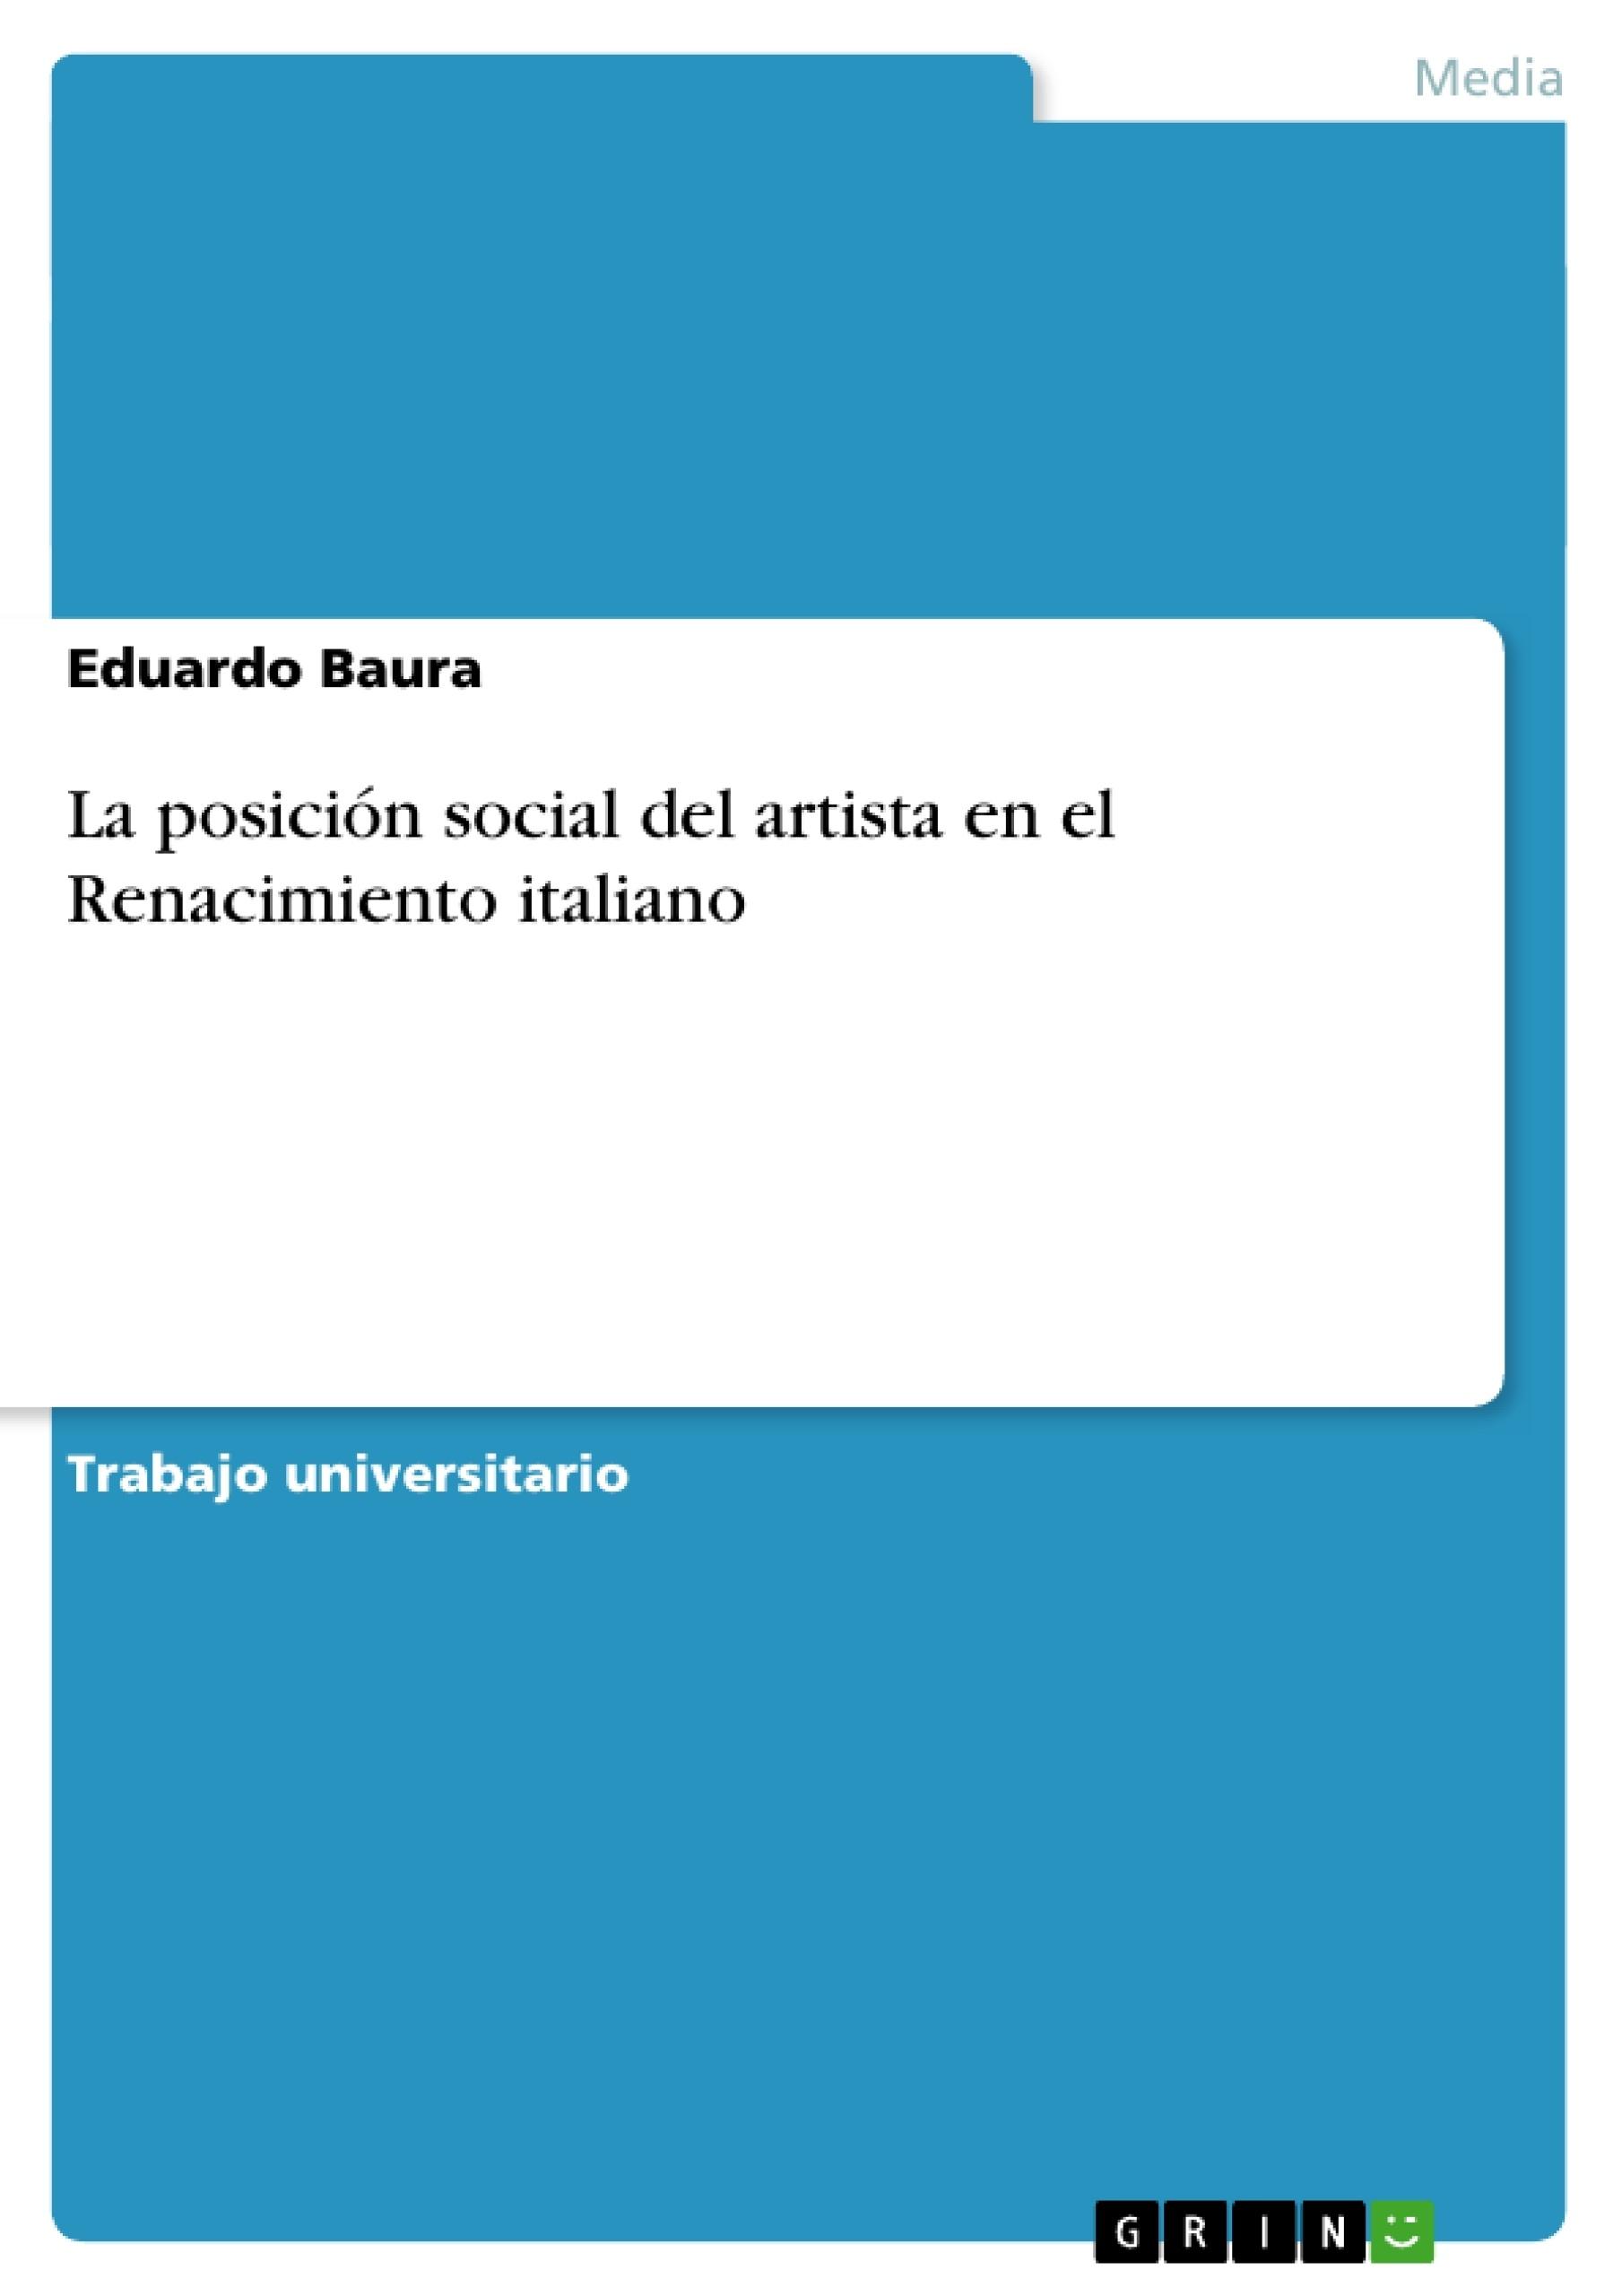 Título: La posición social del artista en el Renacimiento italiano